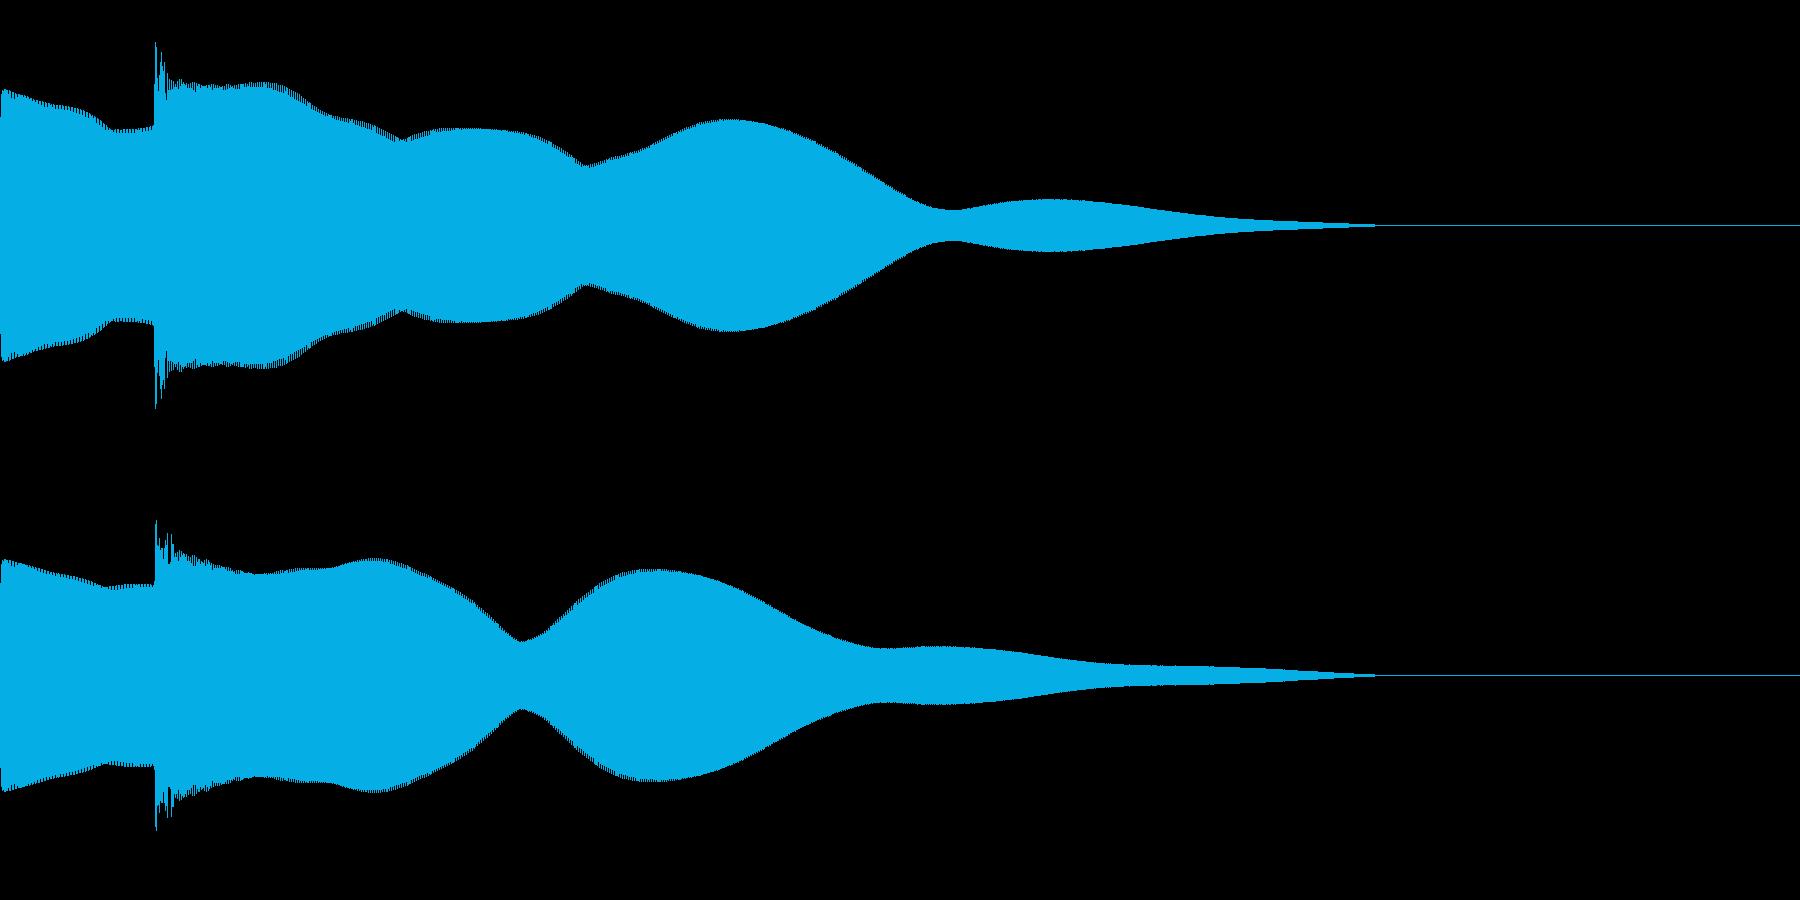 ピポーン(シンプルなクイズの回答音)の再生済みの波形